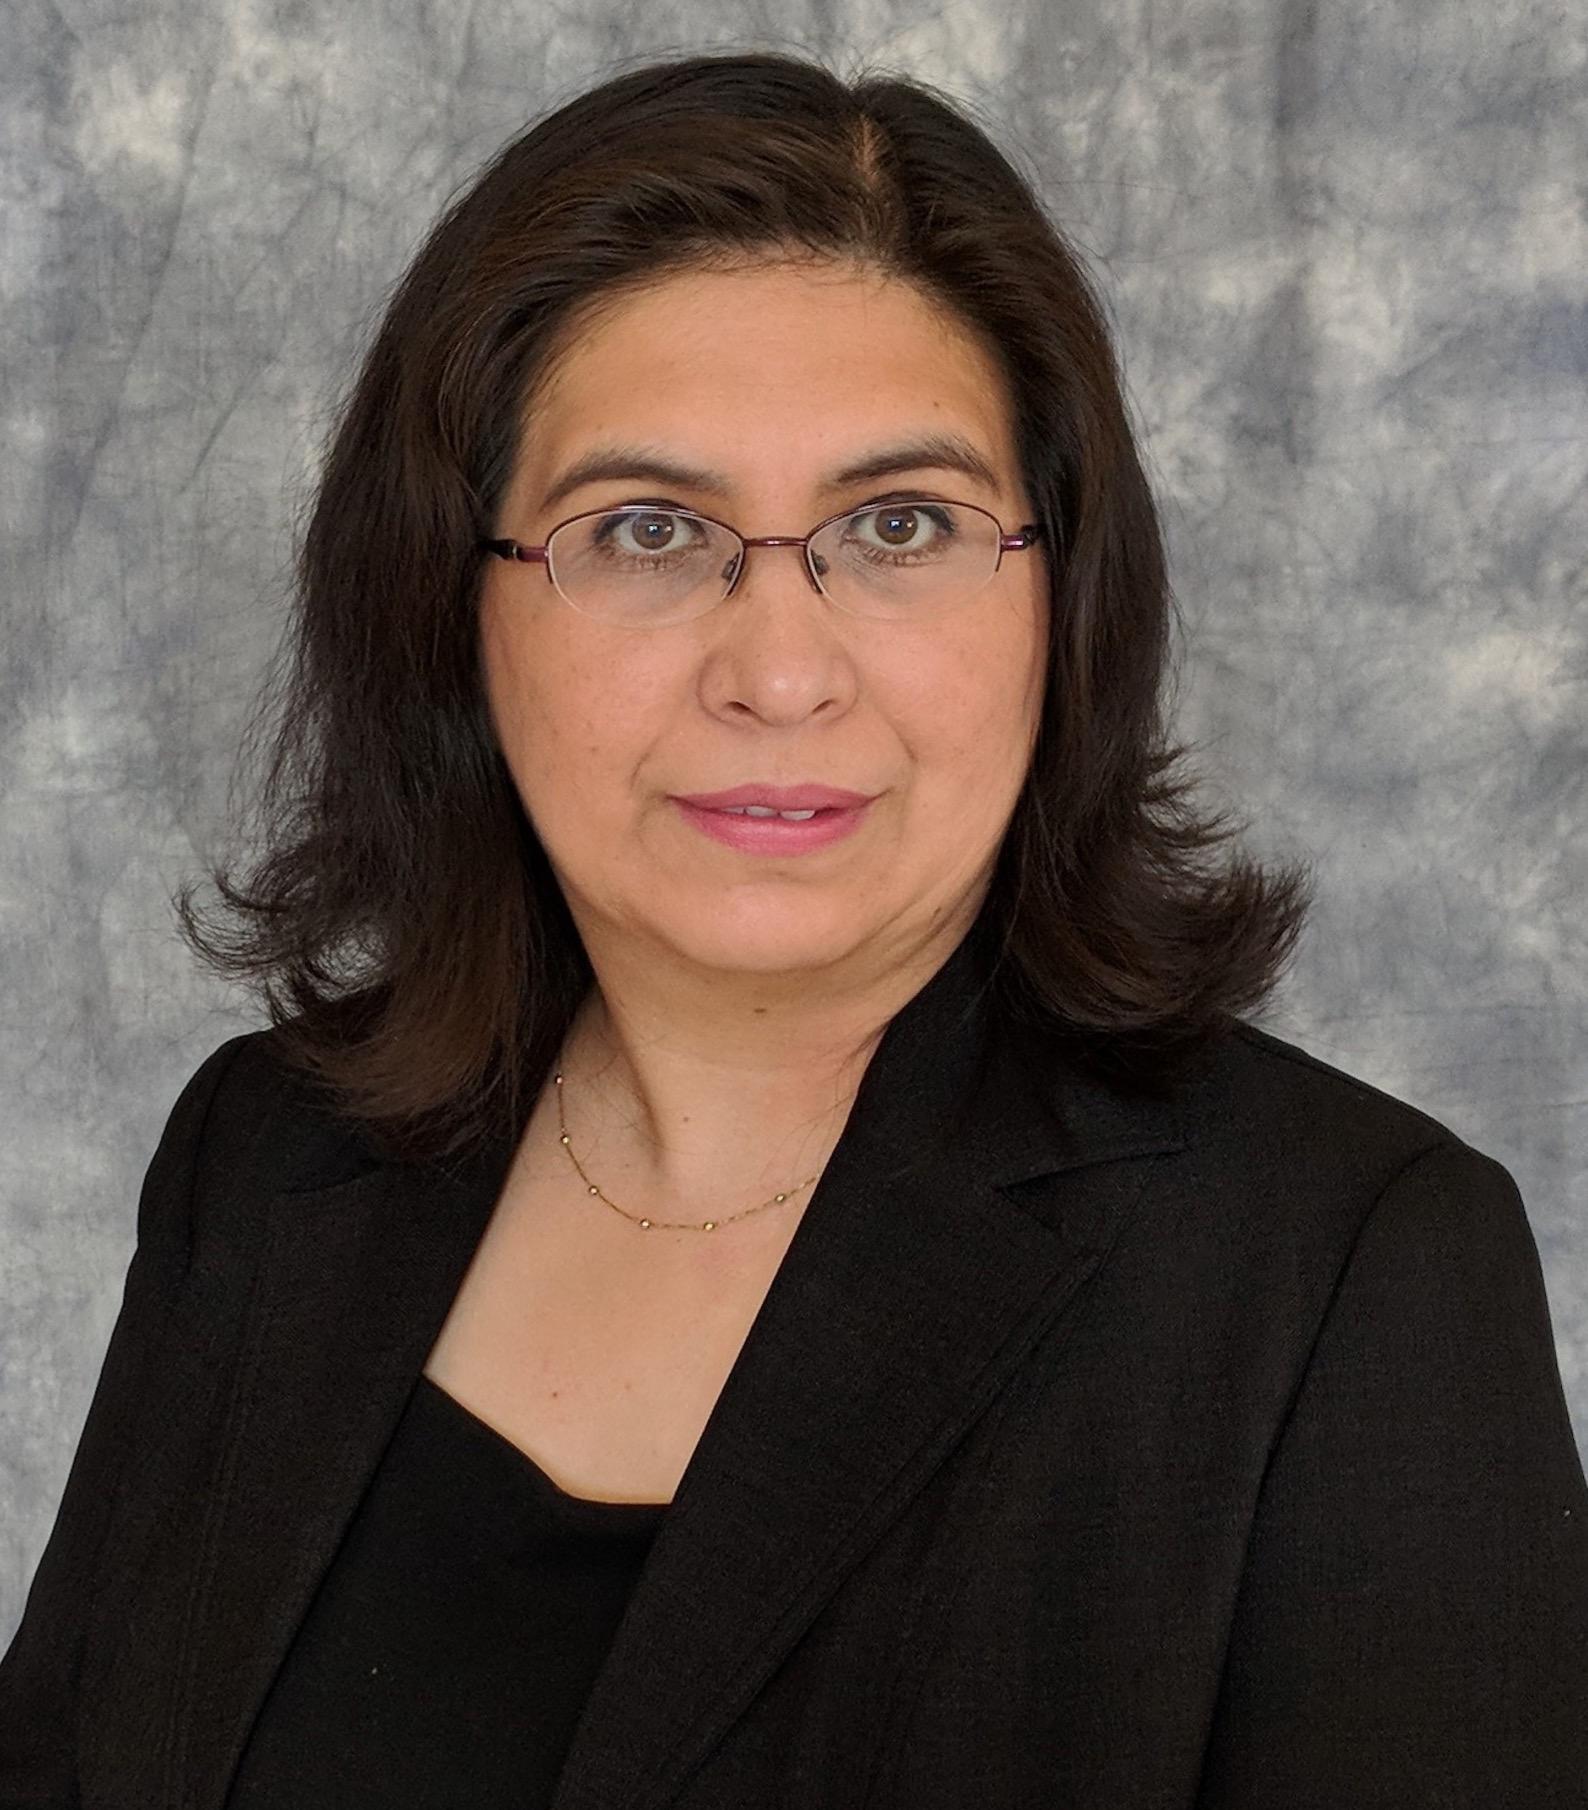 Aline Tezcucano